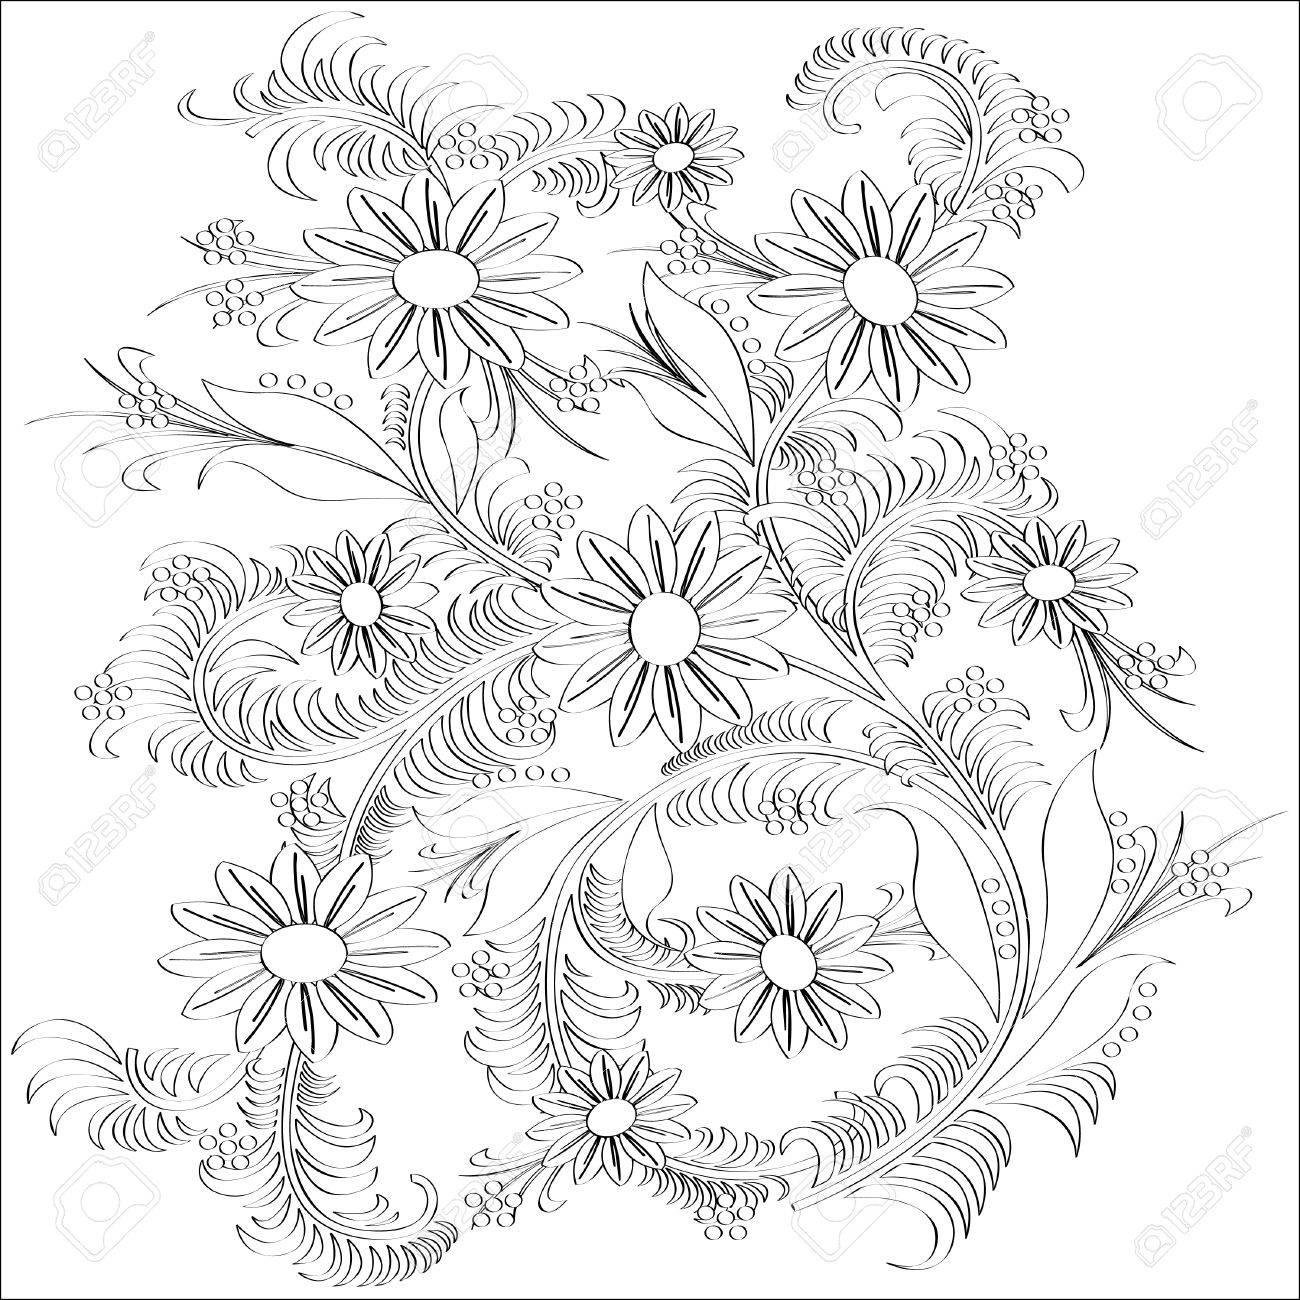 手描きアート花デザインベクトル イラストのイラスト素材ベクタ